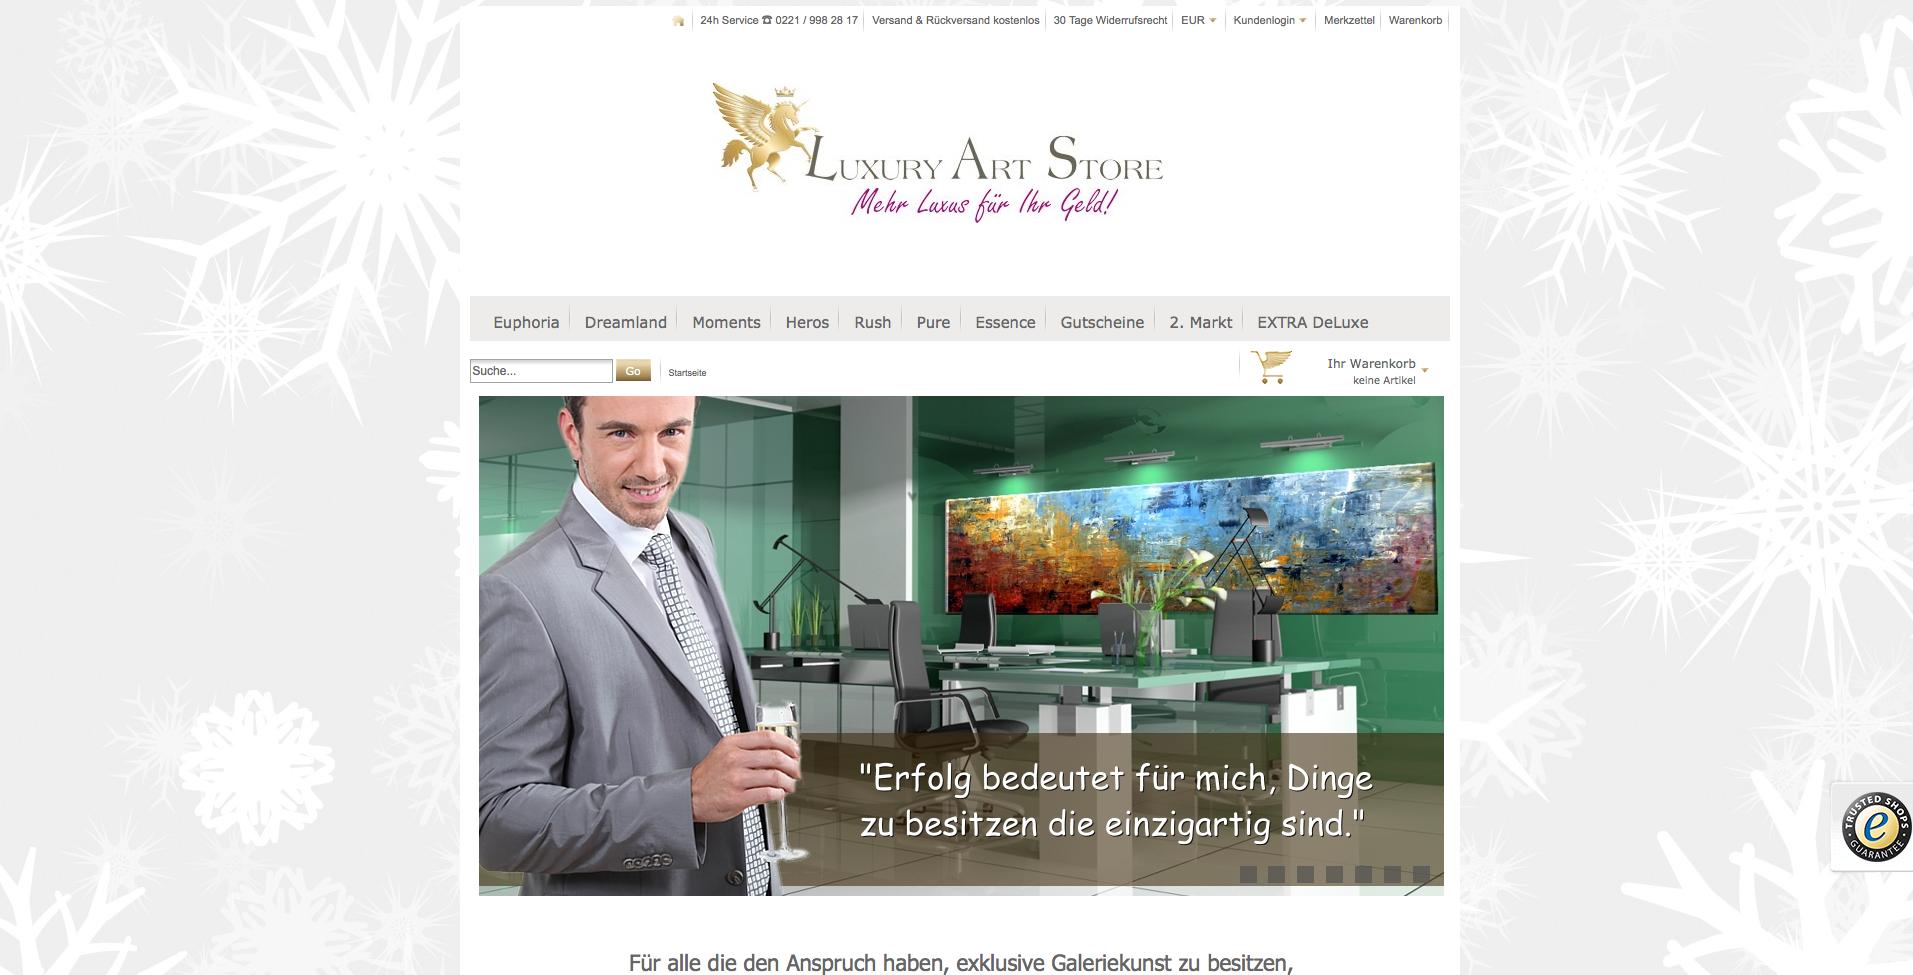 Luxury Art Store Gutschein